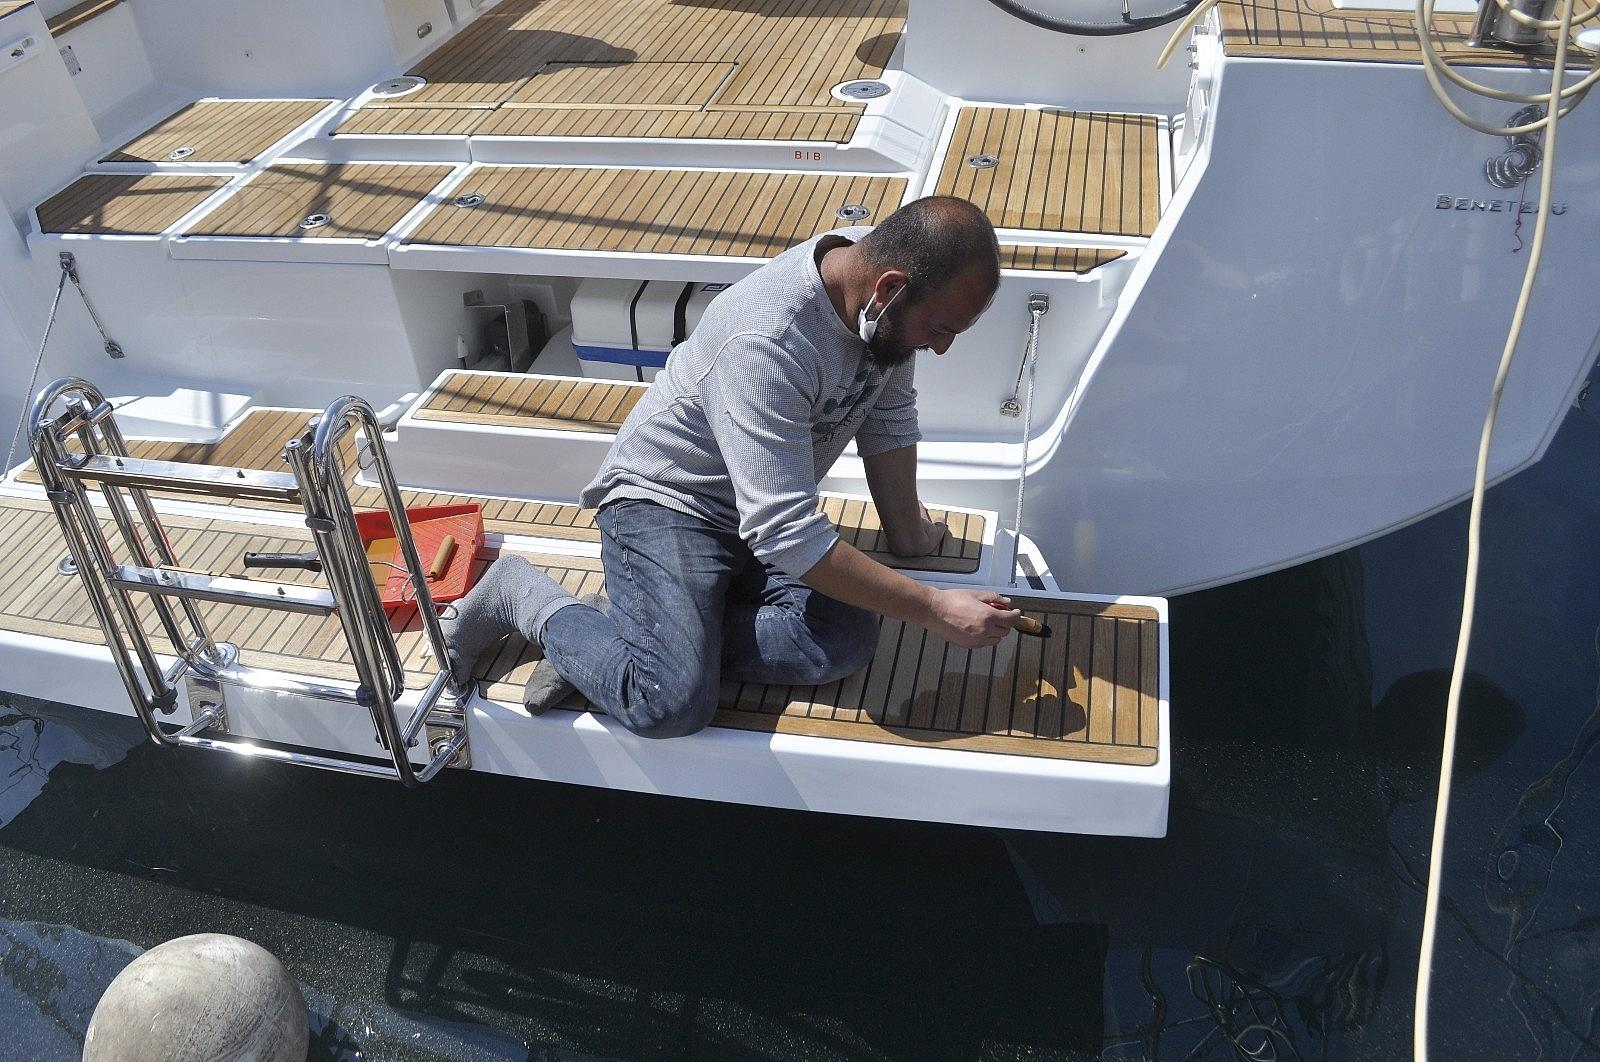 2021/04/luks-teknelere-karsi-olusan-ilgi-2021de-de-devam-ediyor-20210402AW28-2.jpg